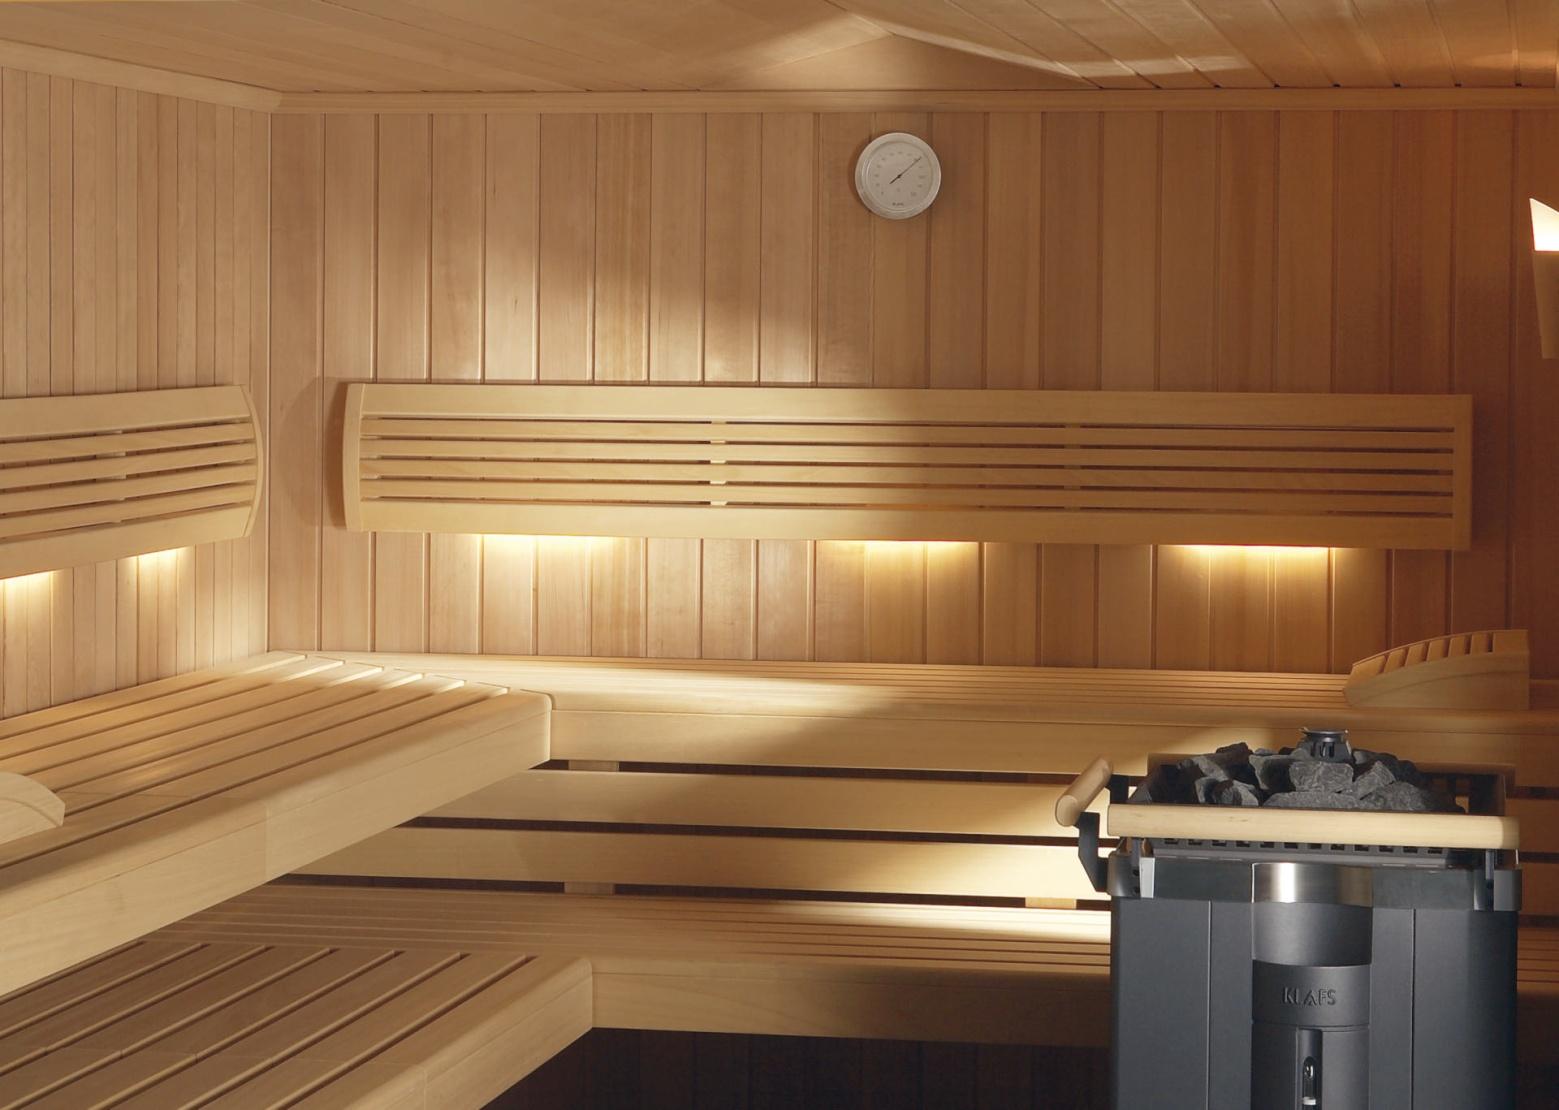 Внутренняя отделка парной бани своими руками - весь процесс от а до я